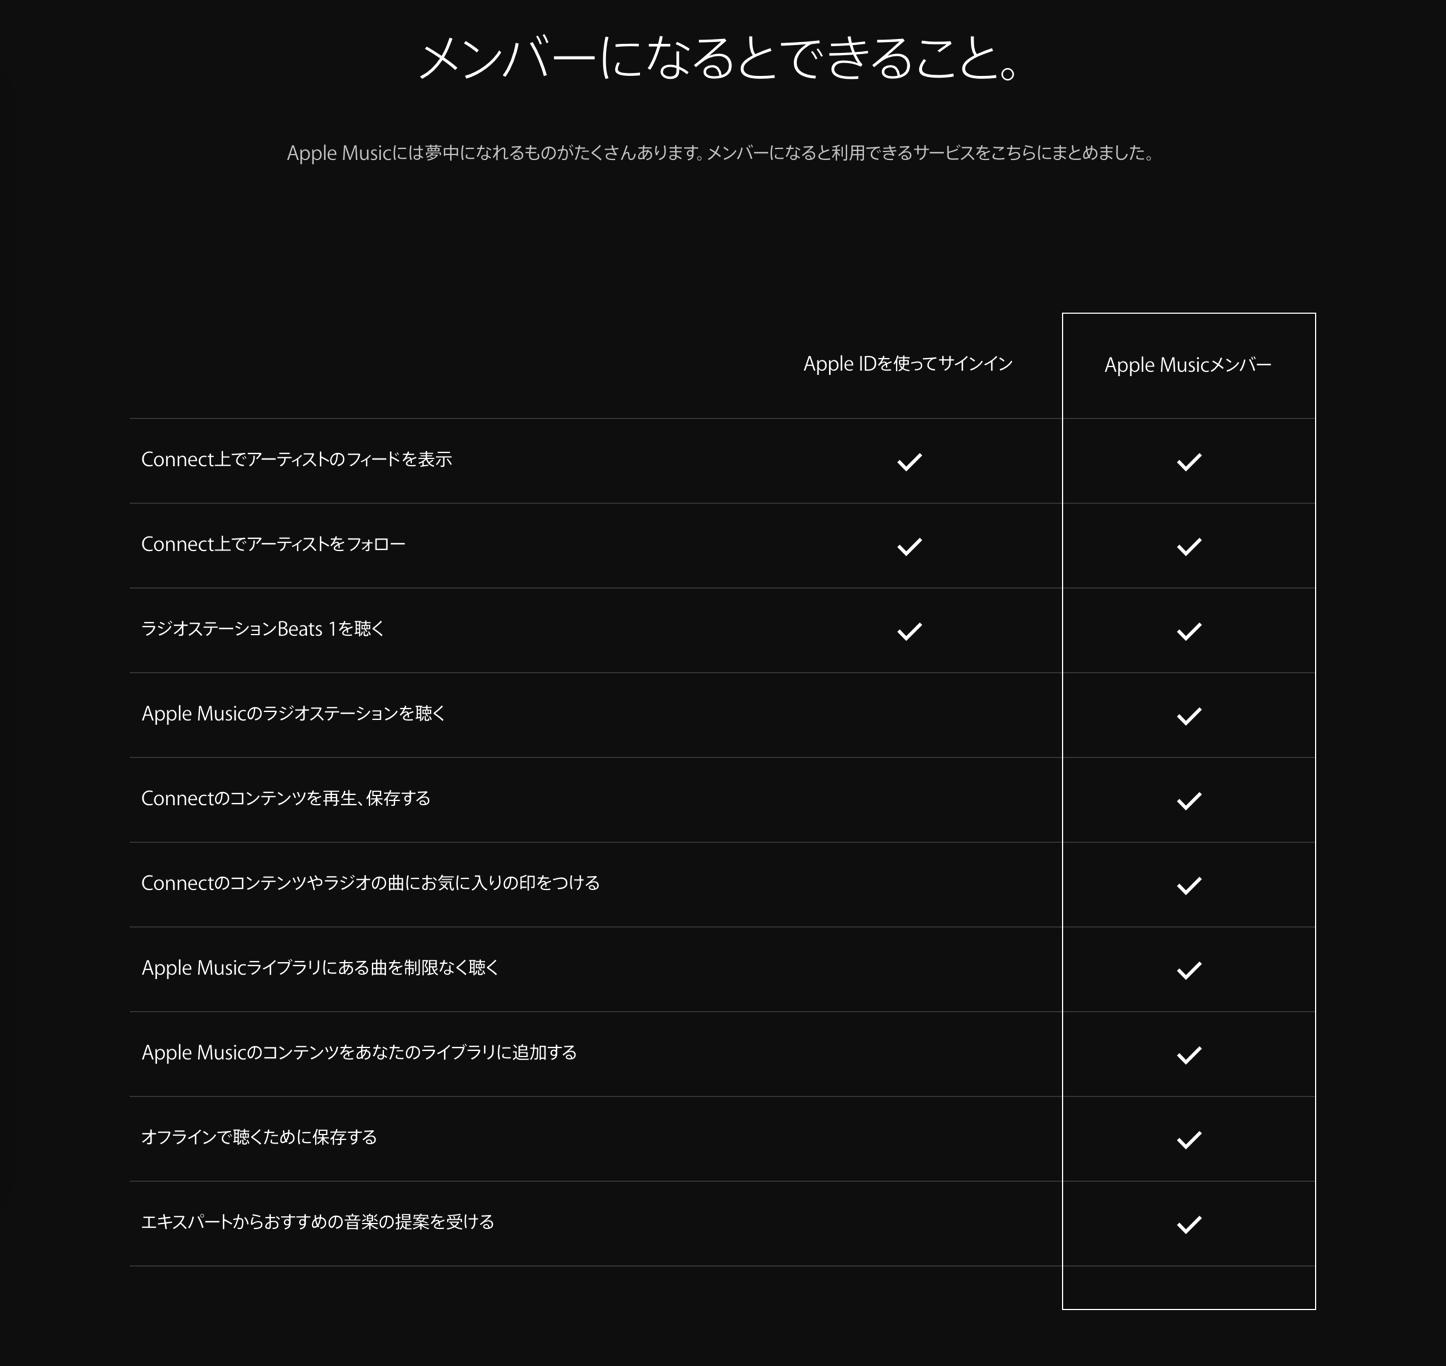 Apple-Music-Member.png